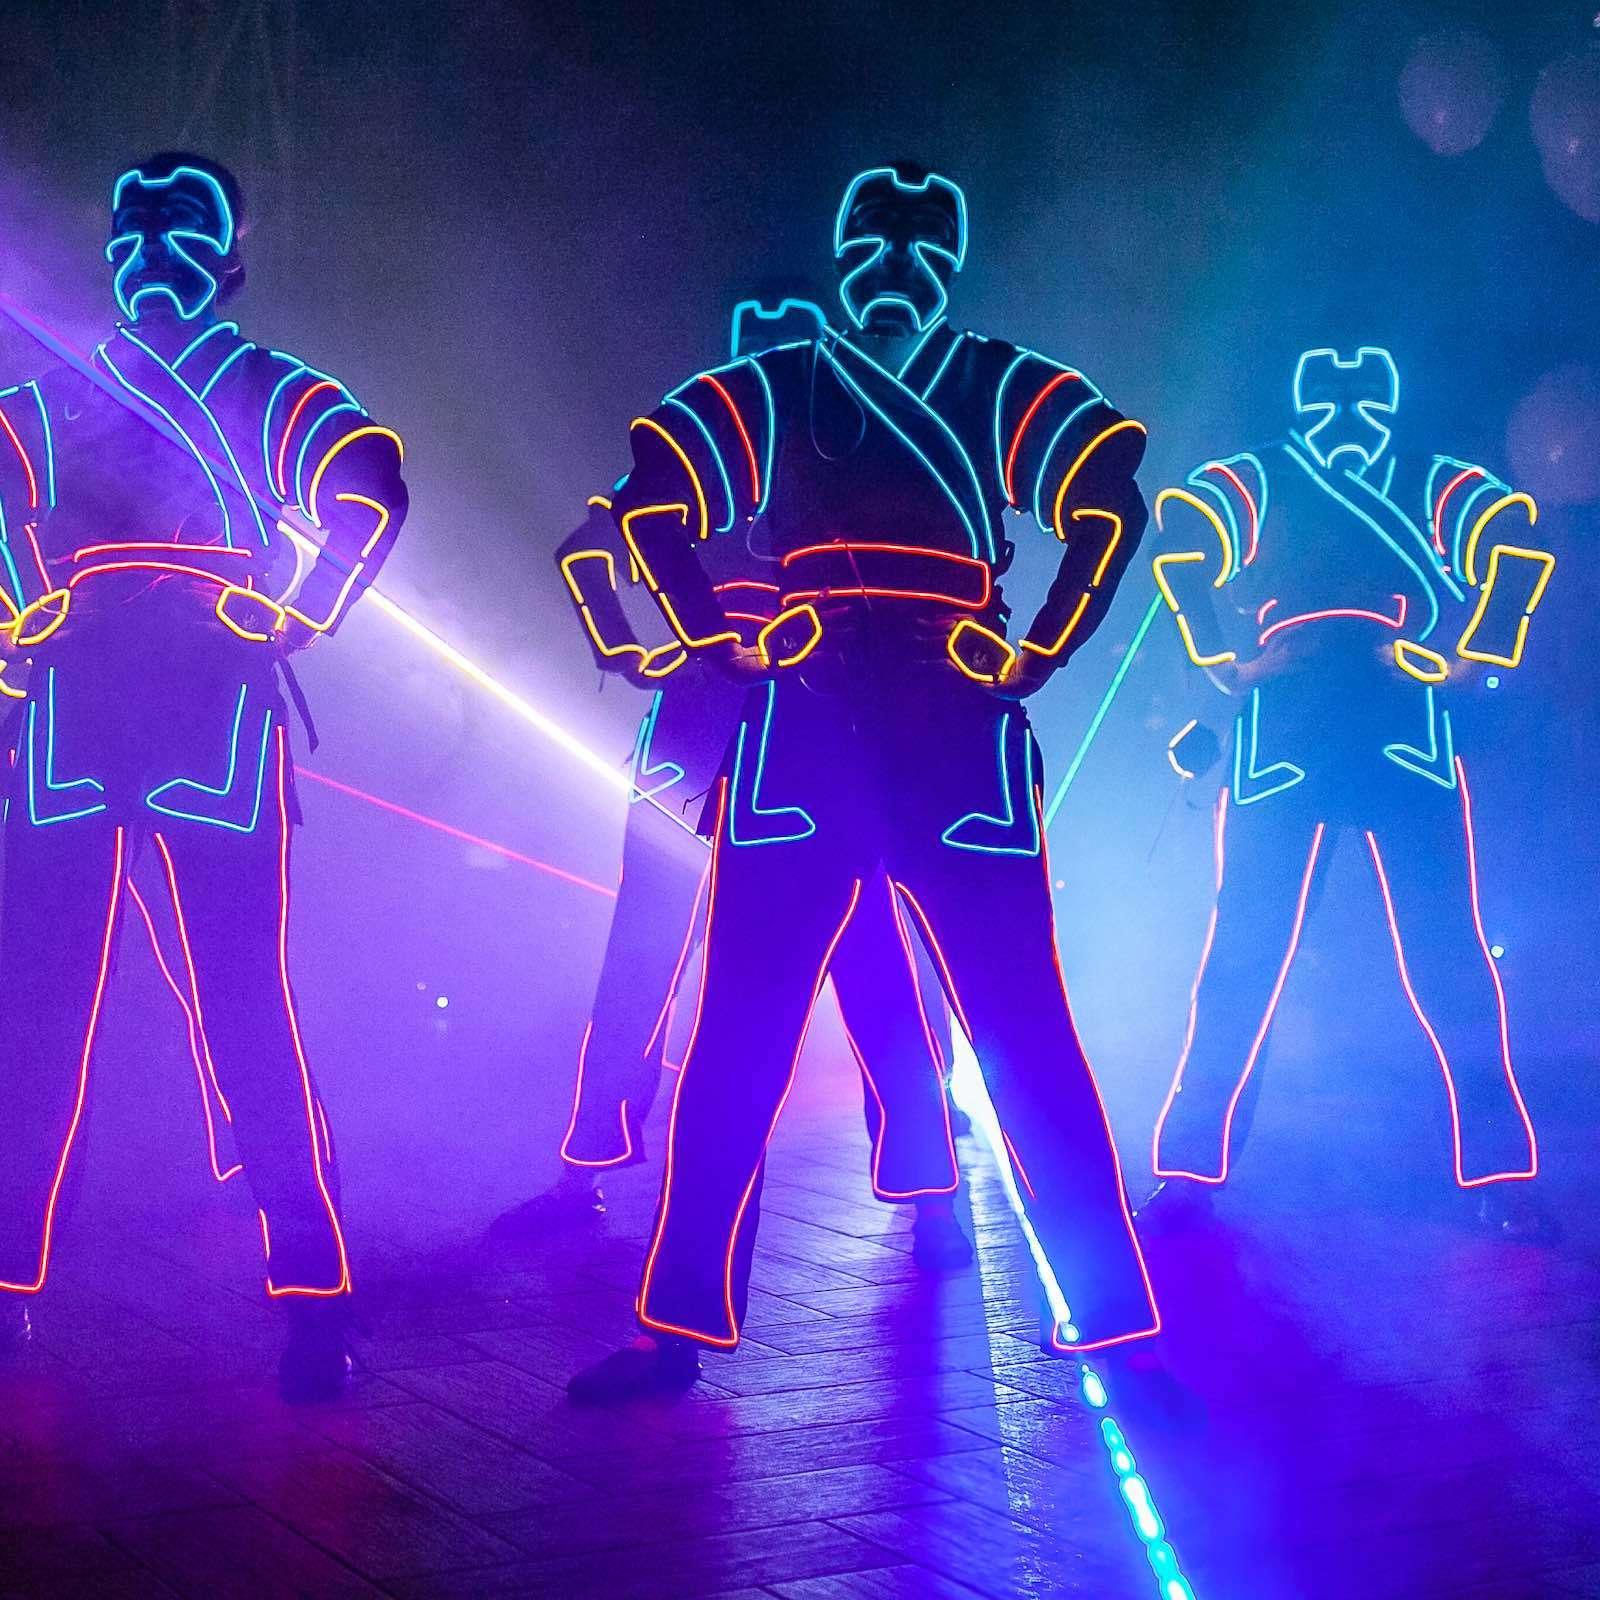 Lasershow |Lichtshow |Hannover |Lightshow |Business |Messe |Laser |Lichtshow |Outdoor |Beamshow |Lichttechnik |Indoor |Lightshow |Bühnenshow |Präsentation |Business |Anfragen |Buchen |Mieten